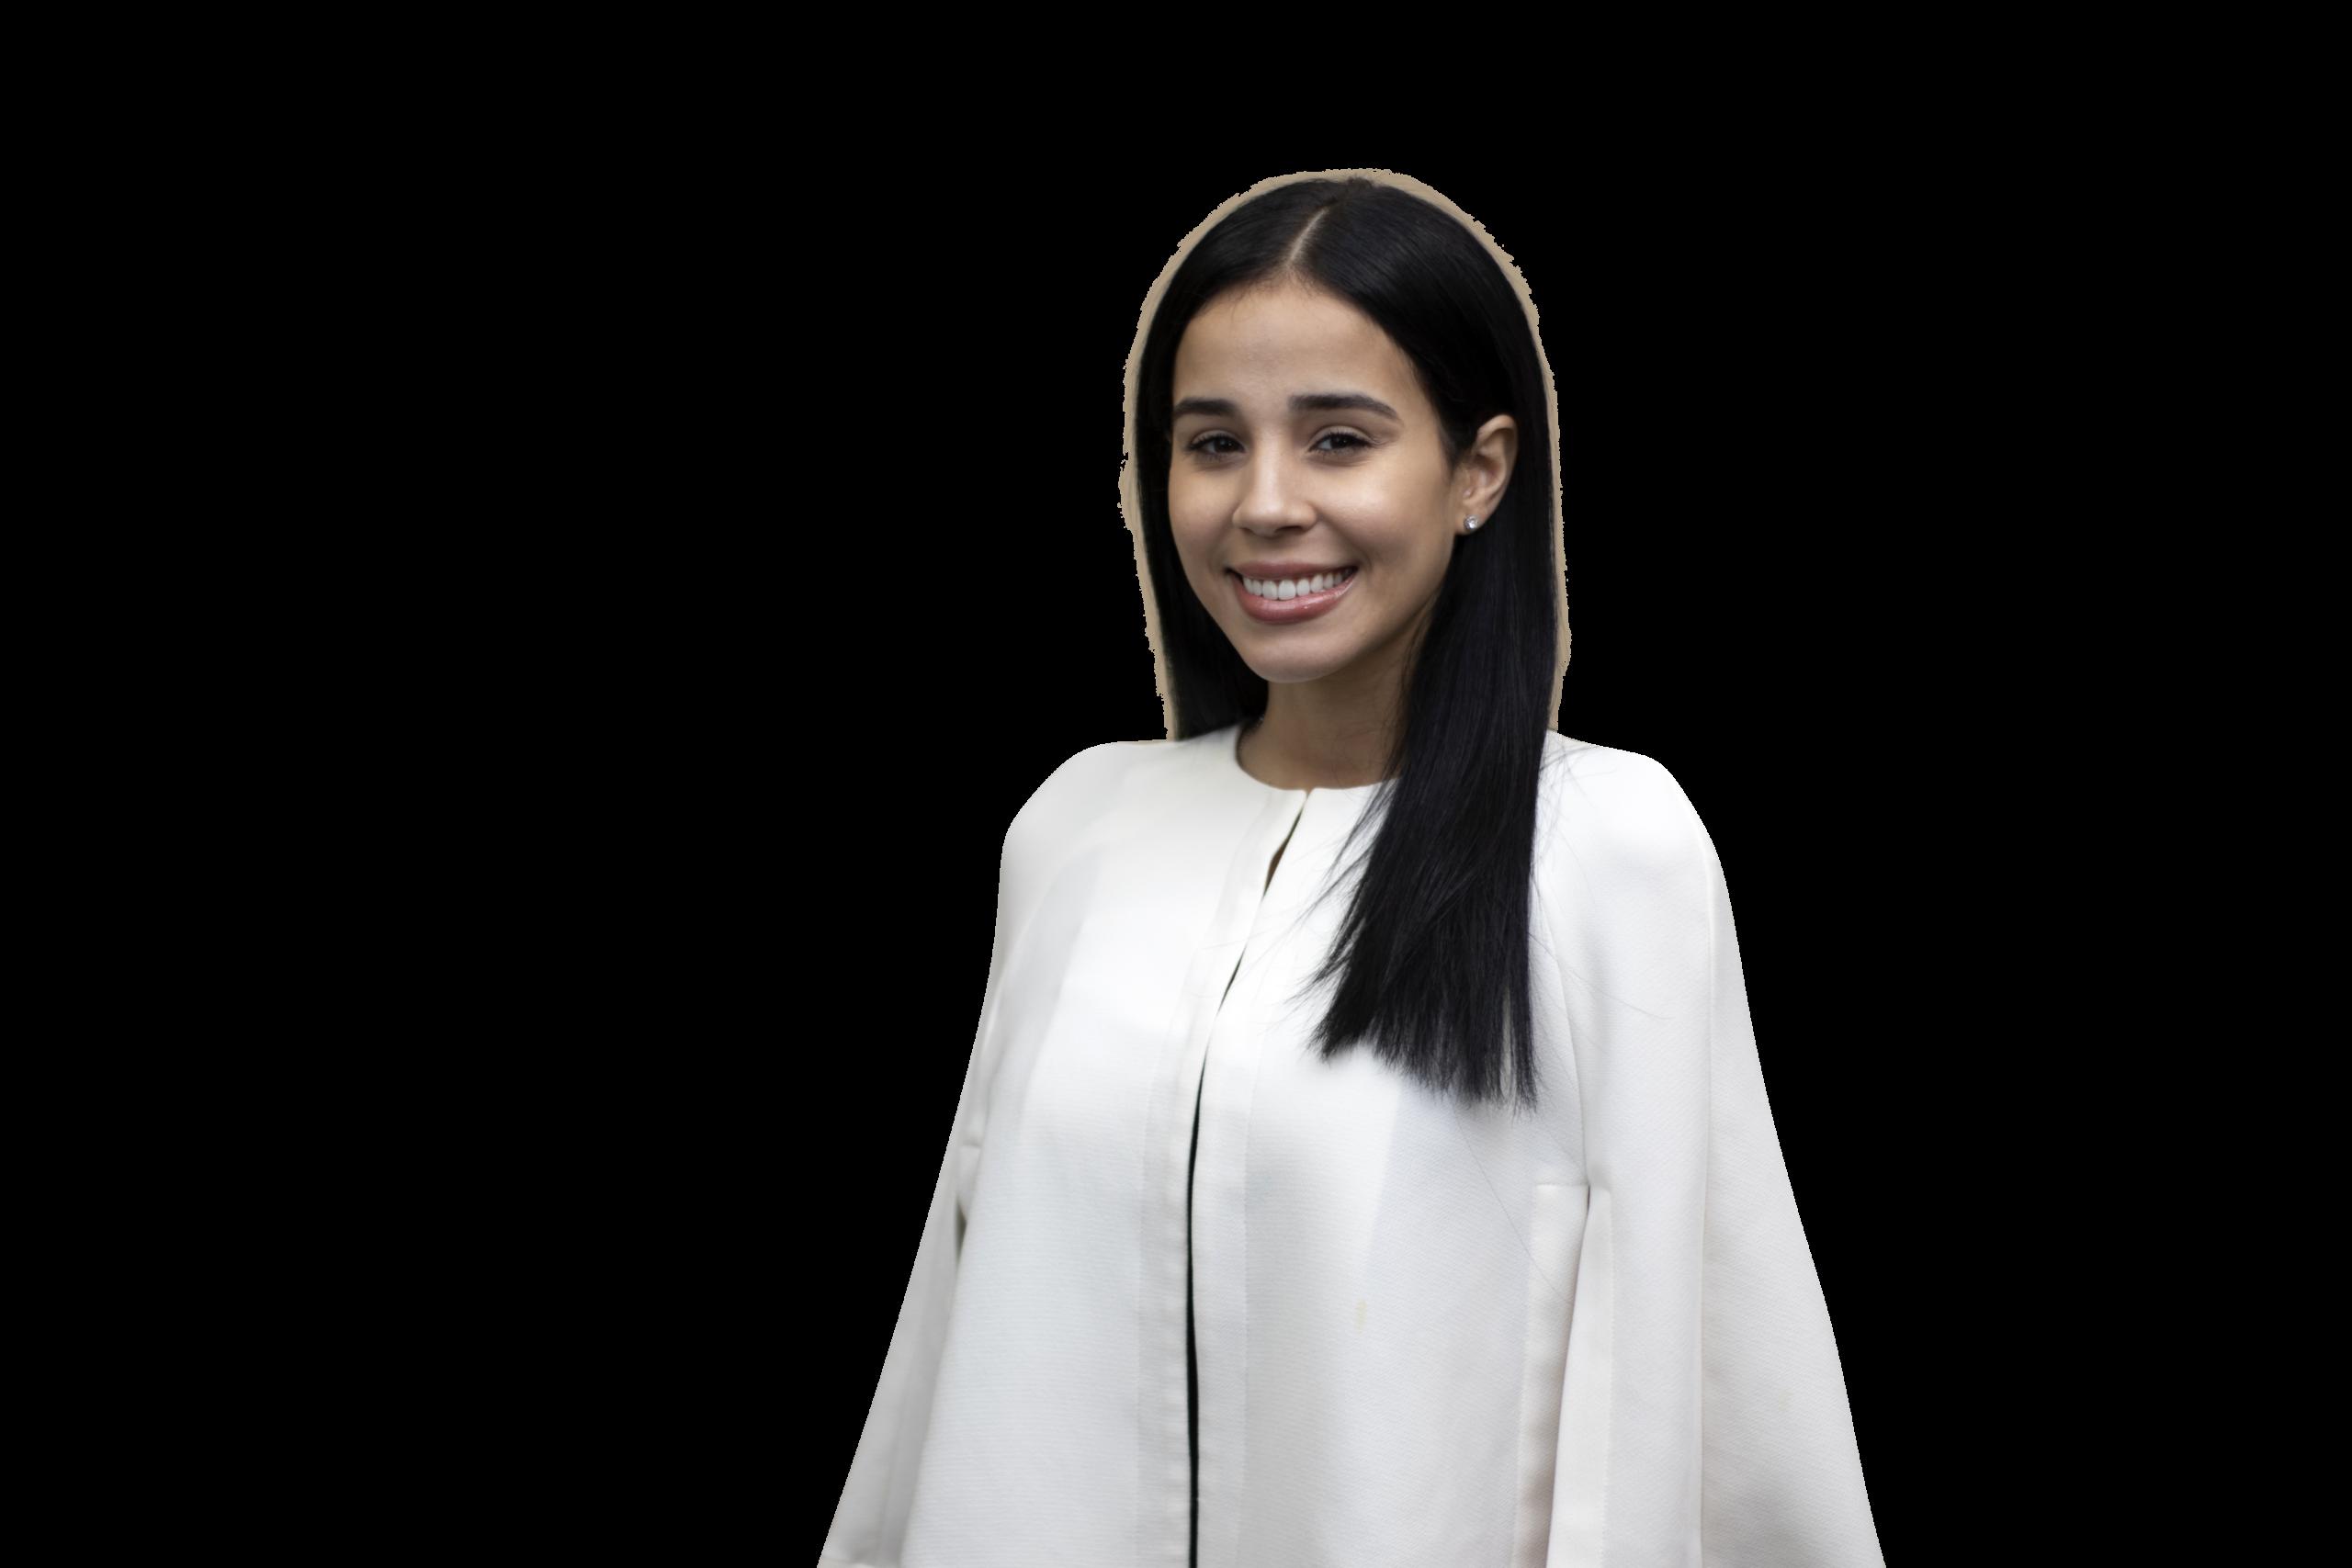 Alexandria Gomez